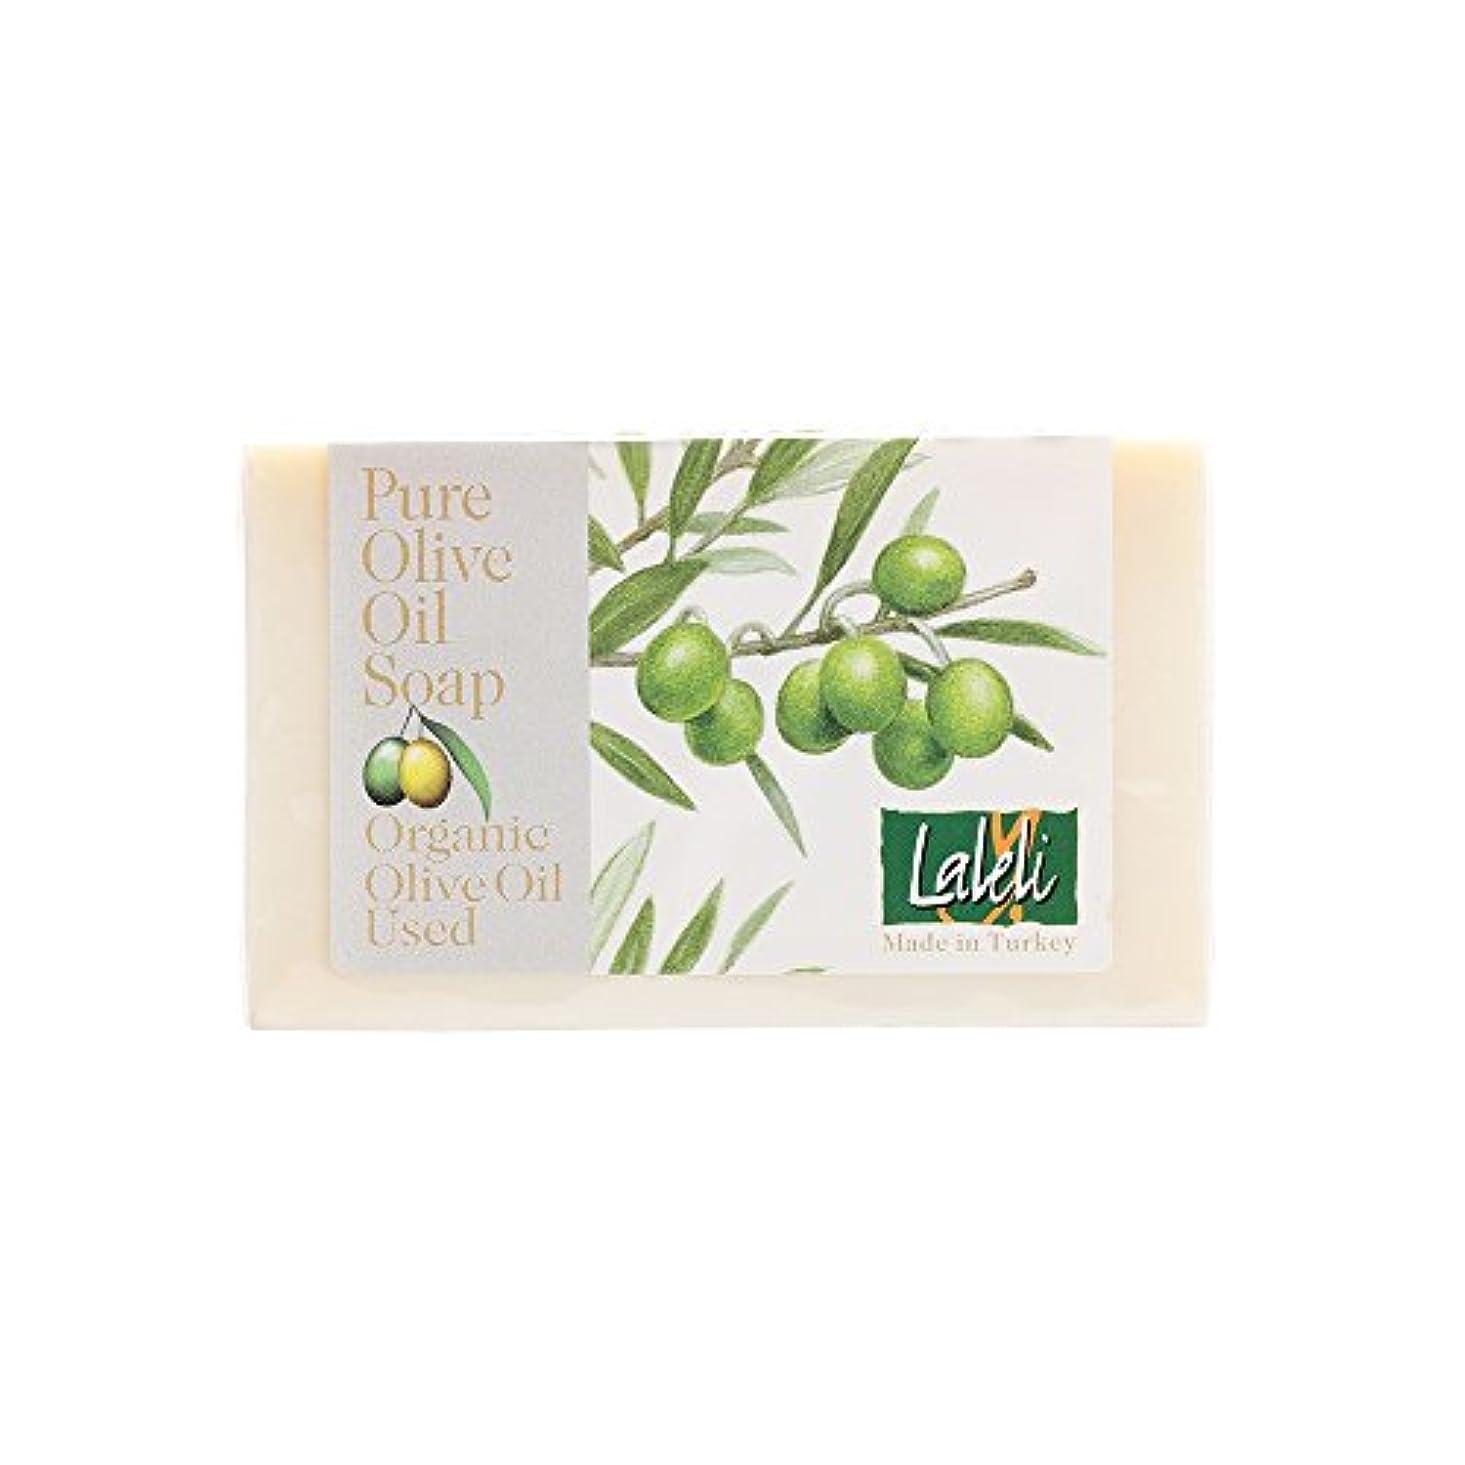 成功する葉を集める恩赦ラーレリ オーガニックオリーブオイルソープ 無香料 120g